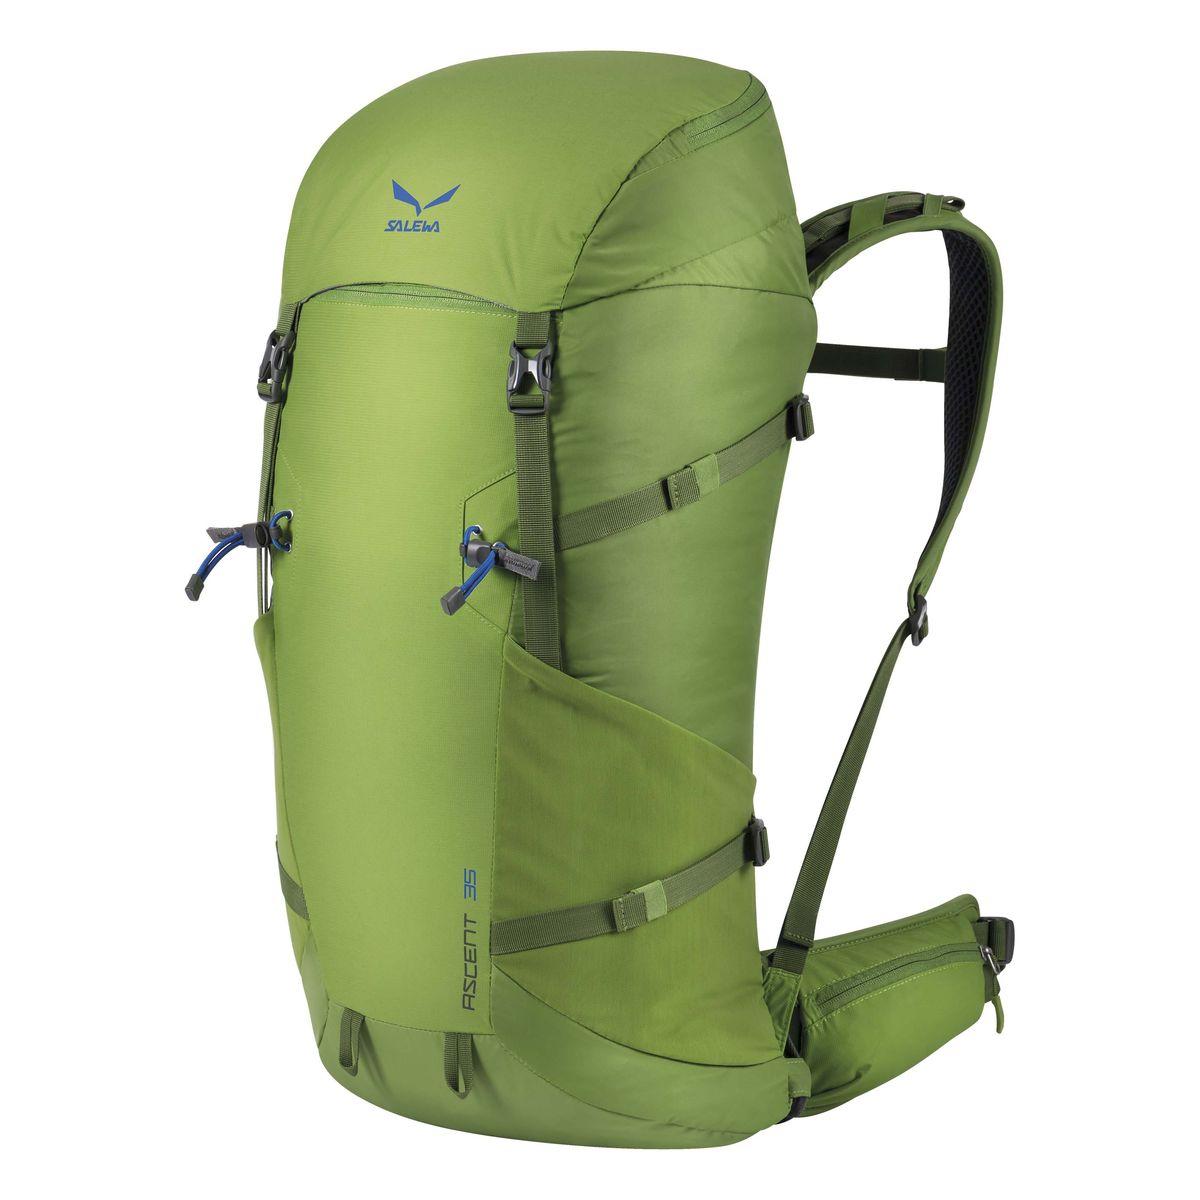 Рюкзак туристический Salewa Ascent 35, цвет: светло-зеленый, 35 л1138_5450Новая современная модель рюкзака Salewa Ascent 35, которая прекрасно подойдет как для однодневных так и для более длительных путешествий.Особенности:- петли для крепления ледоруба / лыжных палок- внутреннее отделение для хранения ценных вещей- боковые карманы- карман в набедренном поясе- петли для навески дополнительного снаряжения на набедренном поясе- подвесная система motionfit Что взять с собой в поход?. Статья OZON Гид